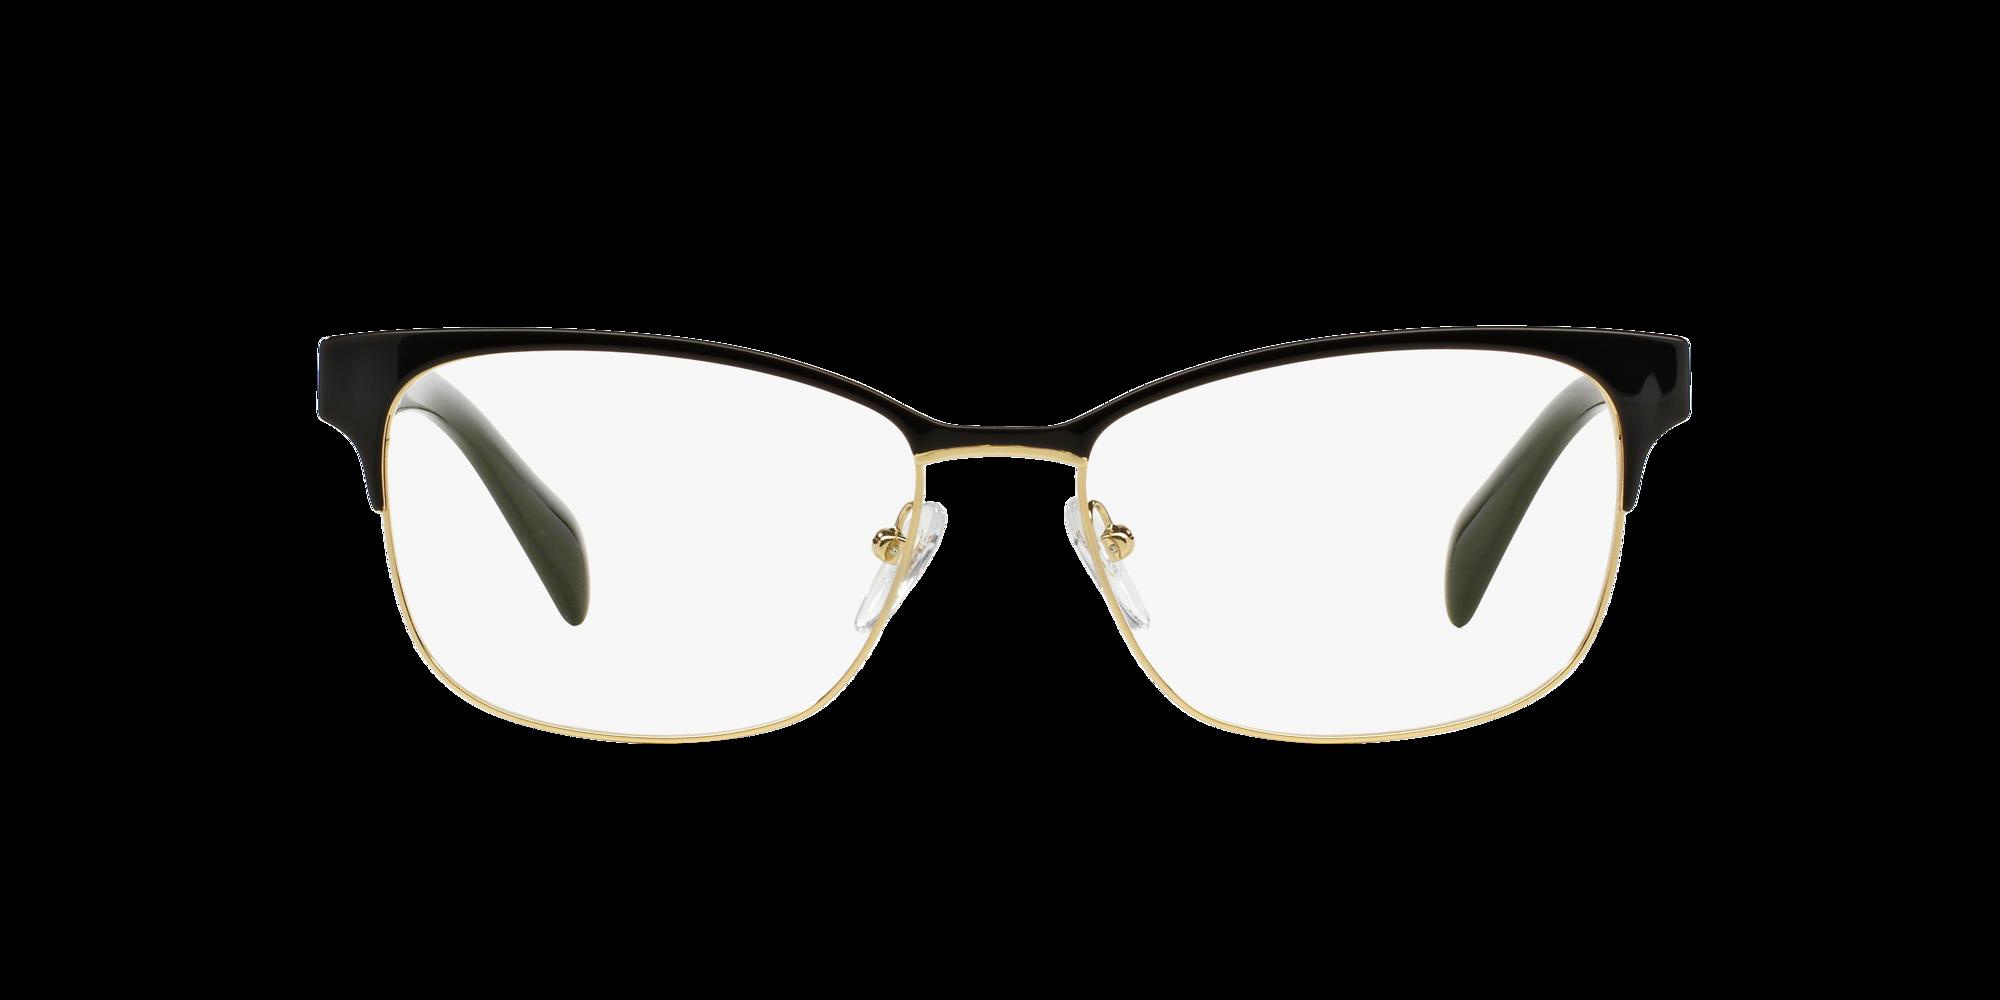 Imagen para PR 65RV de LensCrafters |  Espejuelos, espejuelos graduados en línea, gafas